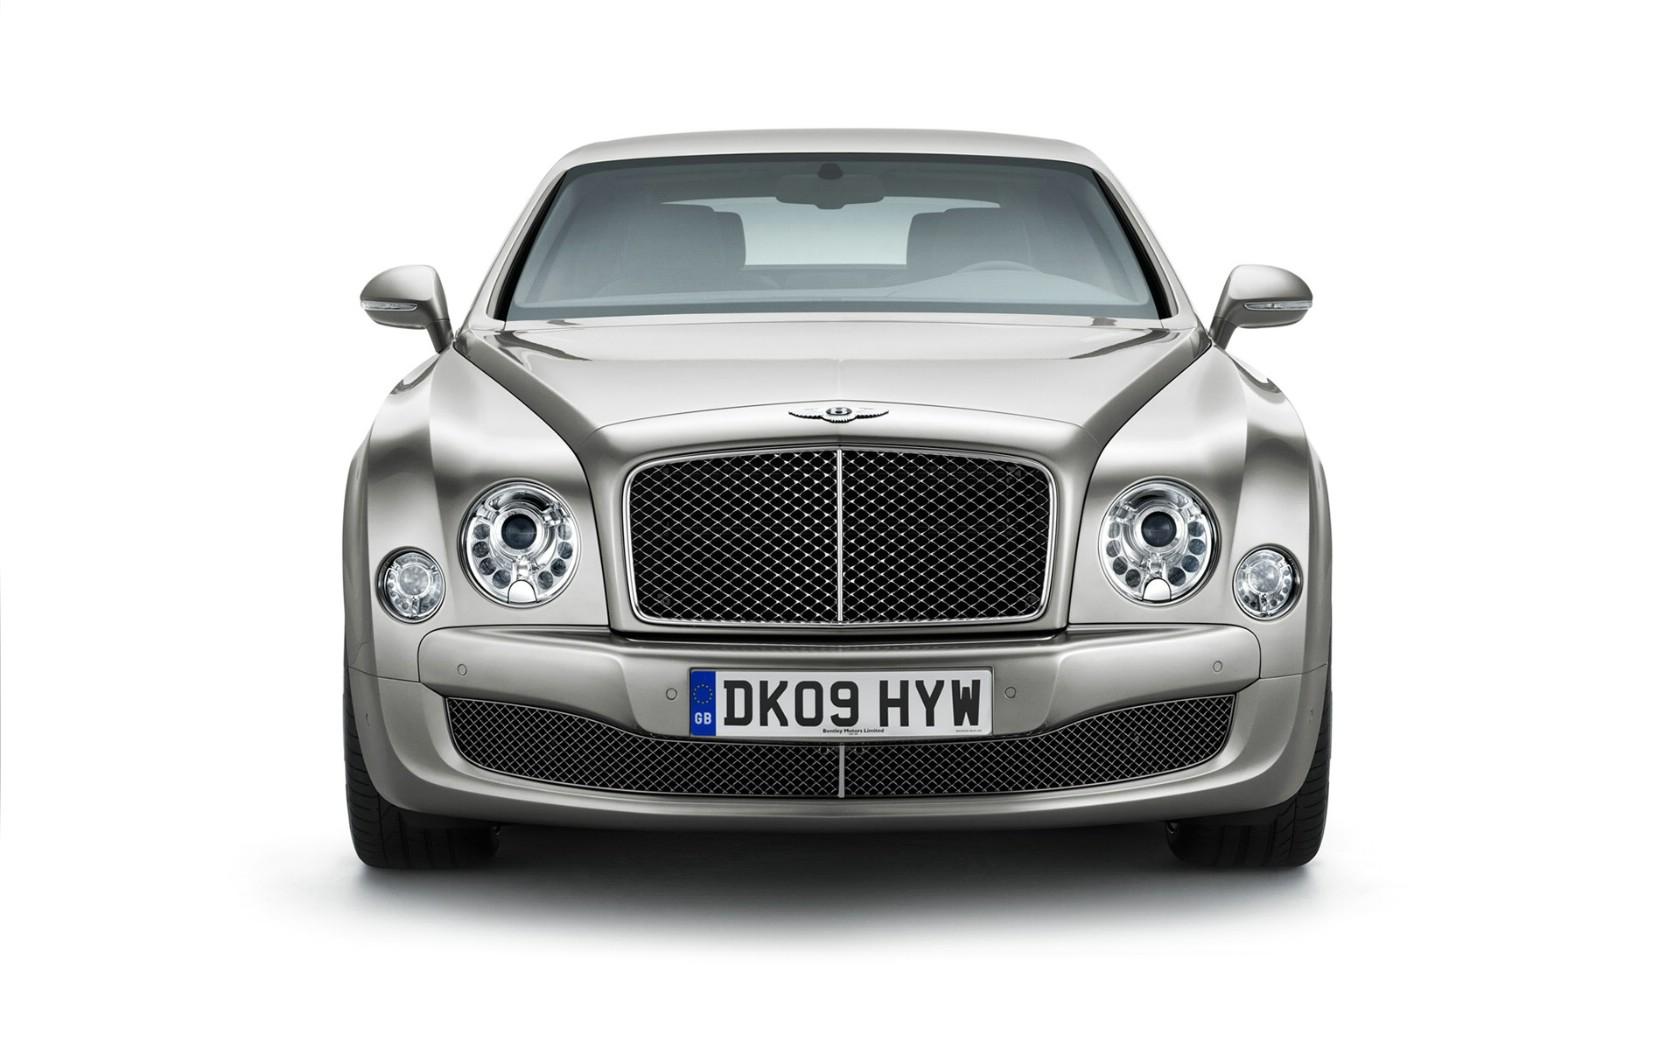 壁纸1680 215 1050bentley宾利壁纸壁纸 Bentley宾利壁纸壁纸图片 汽车壁纸 汽车图片素材 桌面壁纸